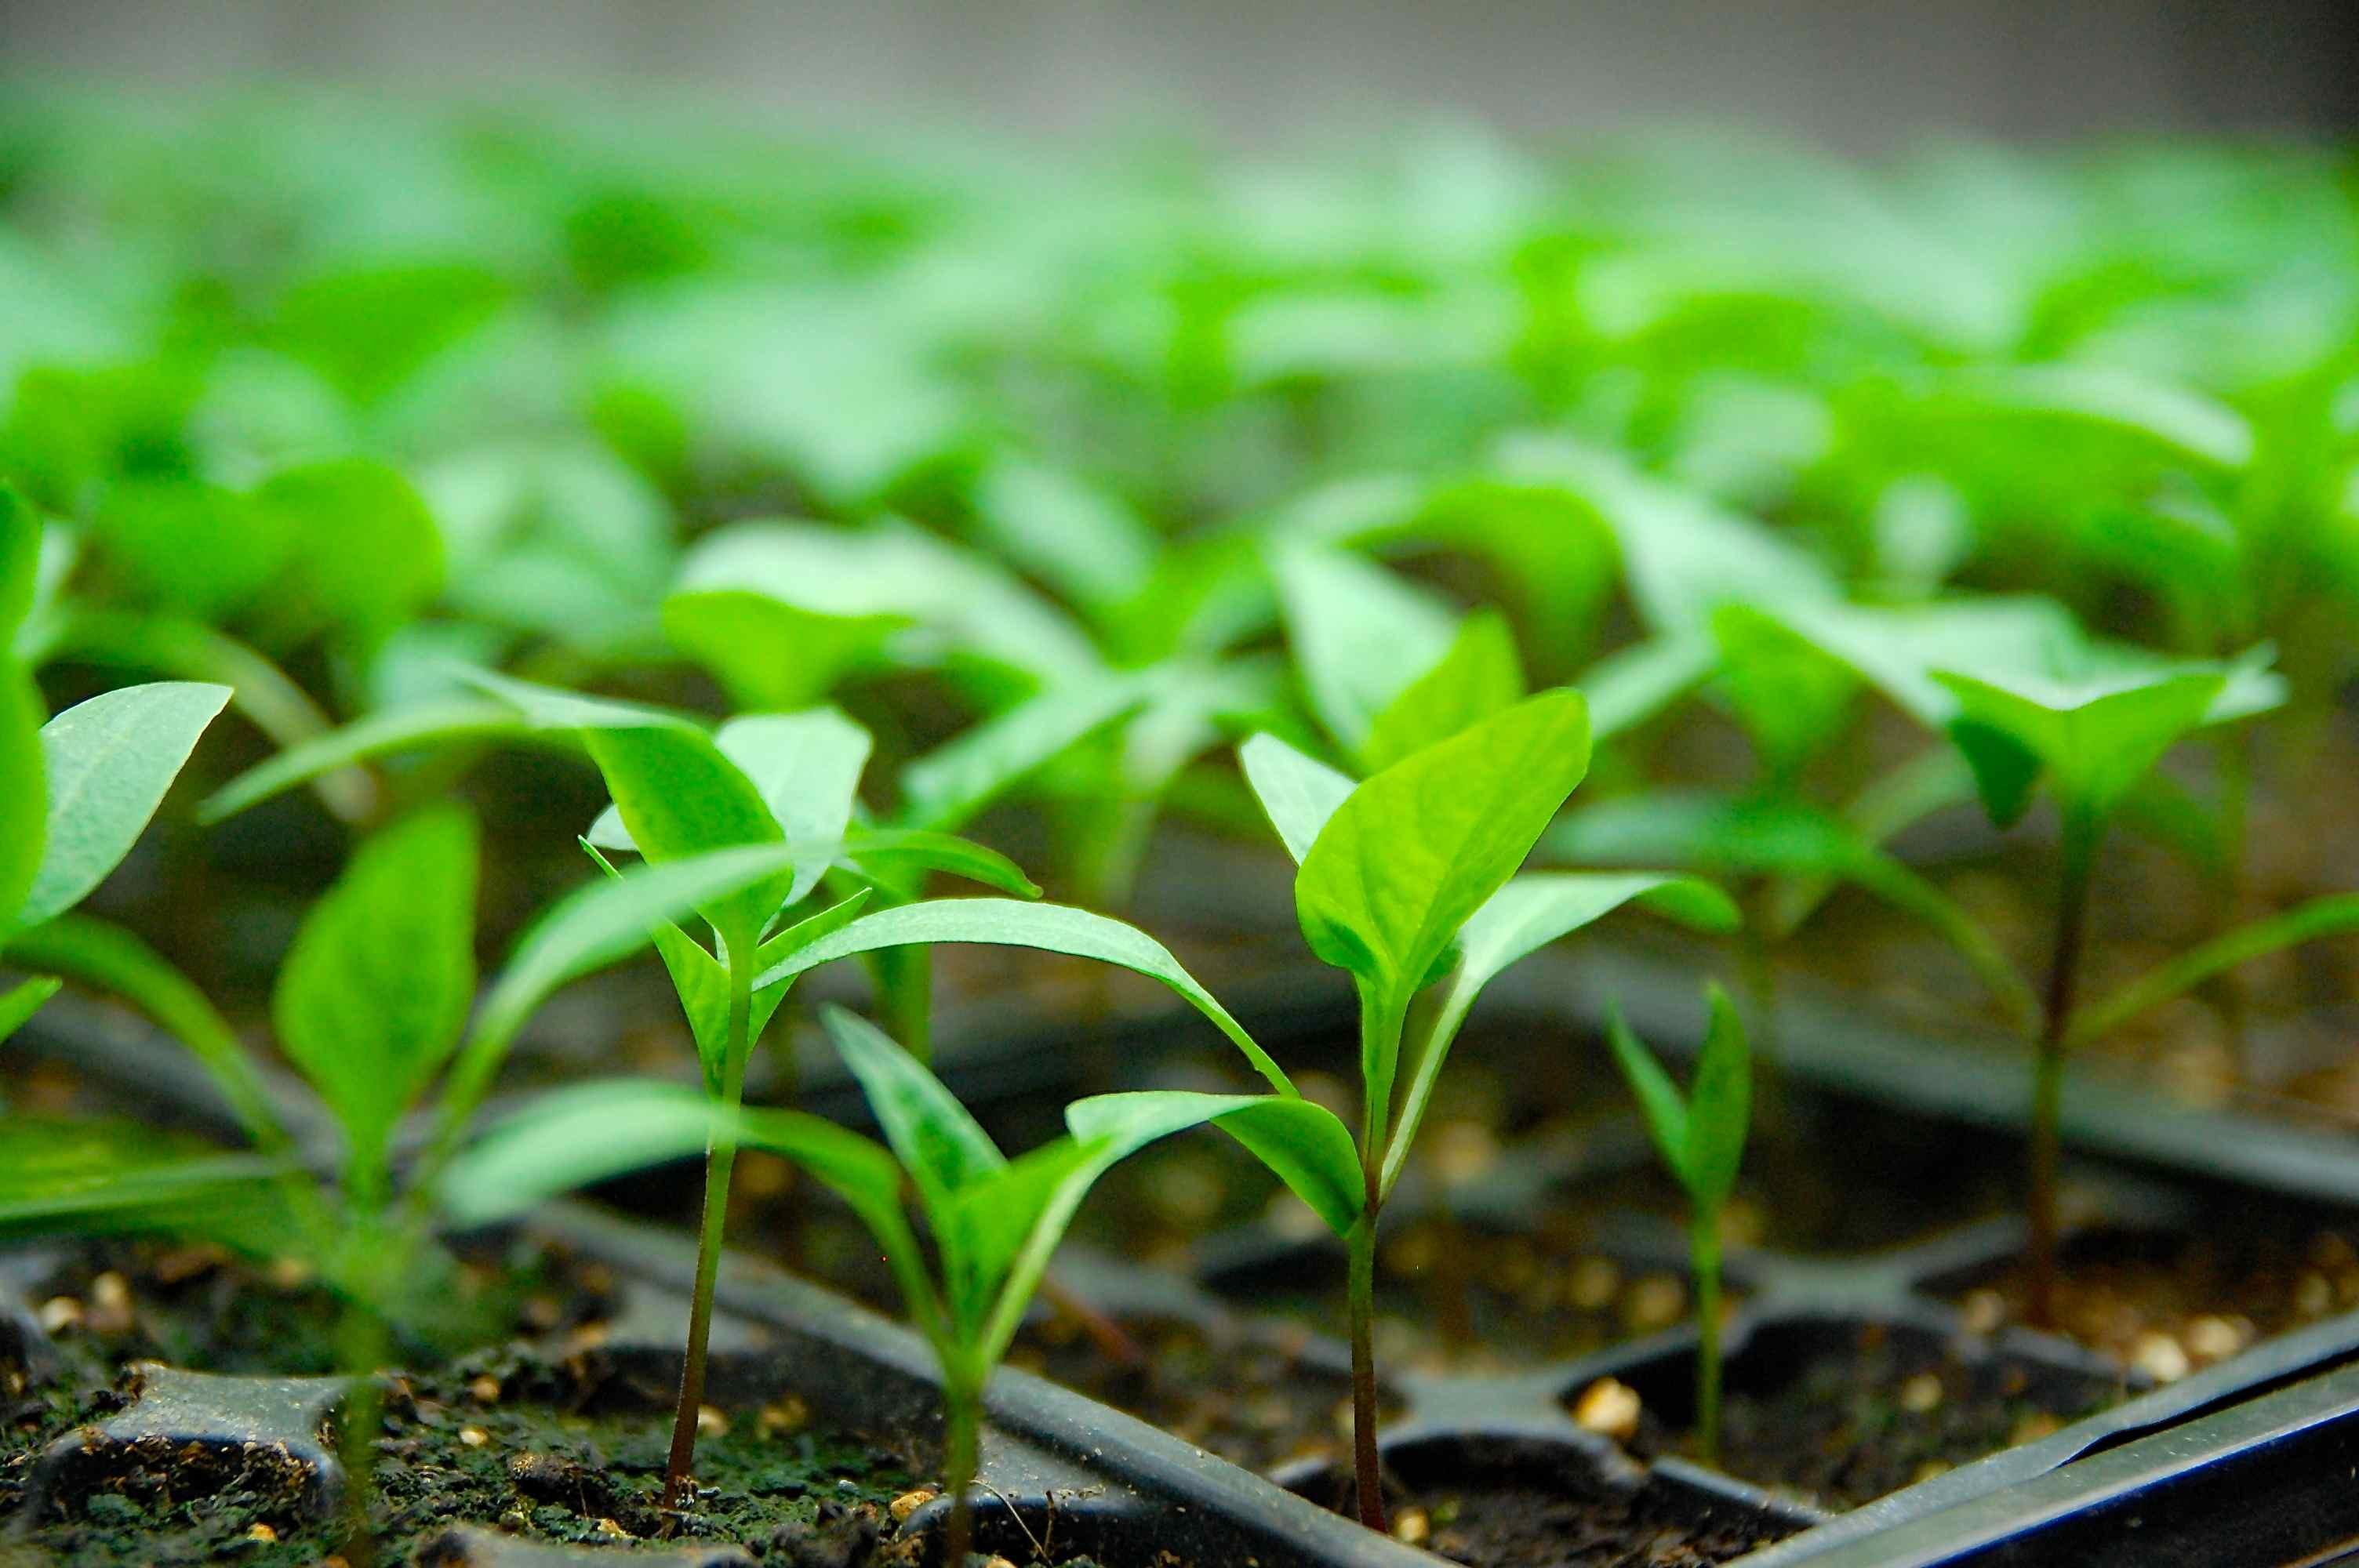 Ferme aux petits oignons vente de plants - Plant de rhubarbe a vendre ...